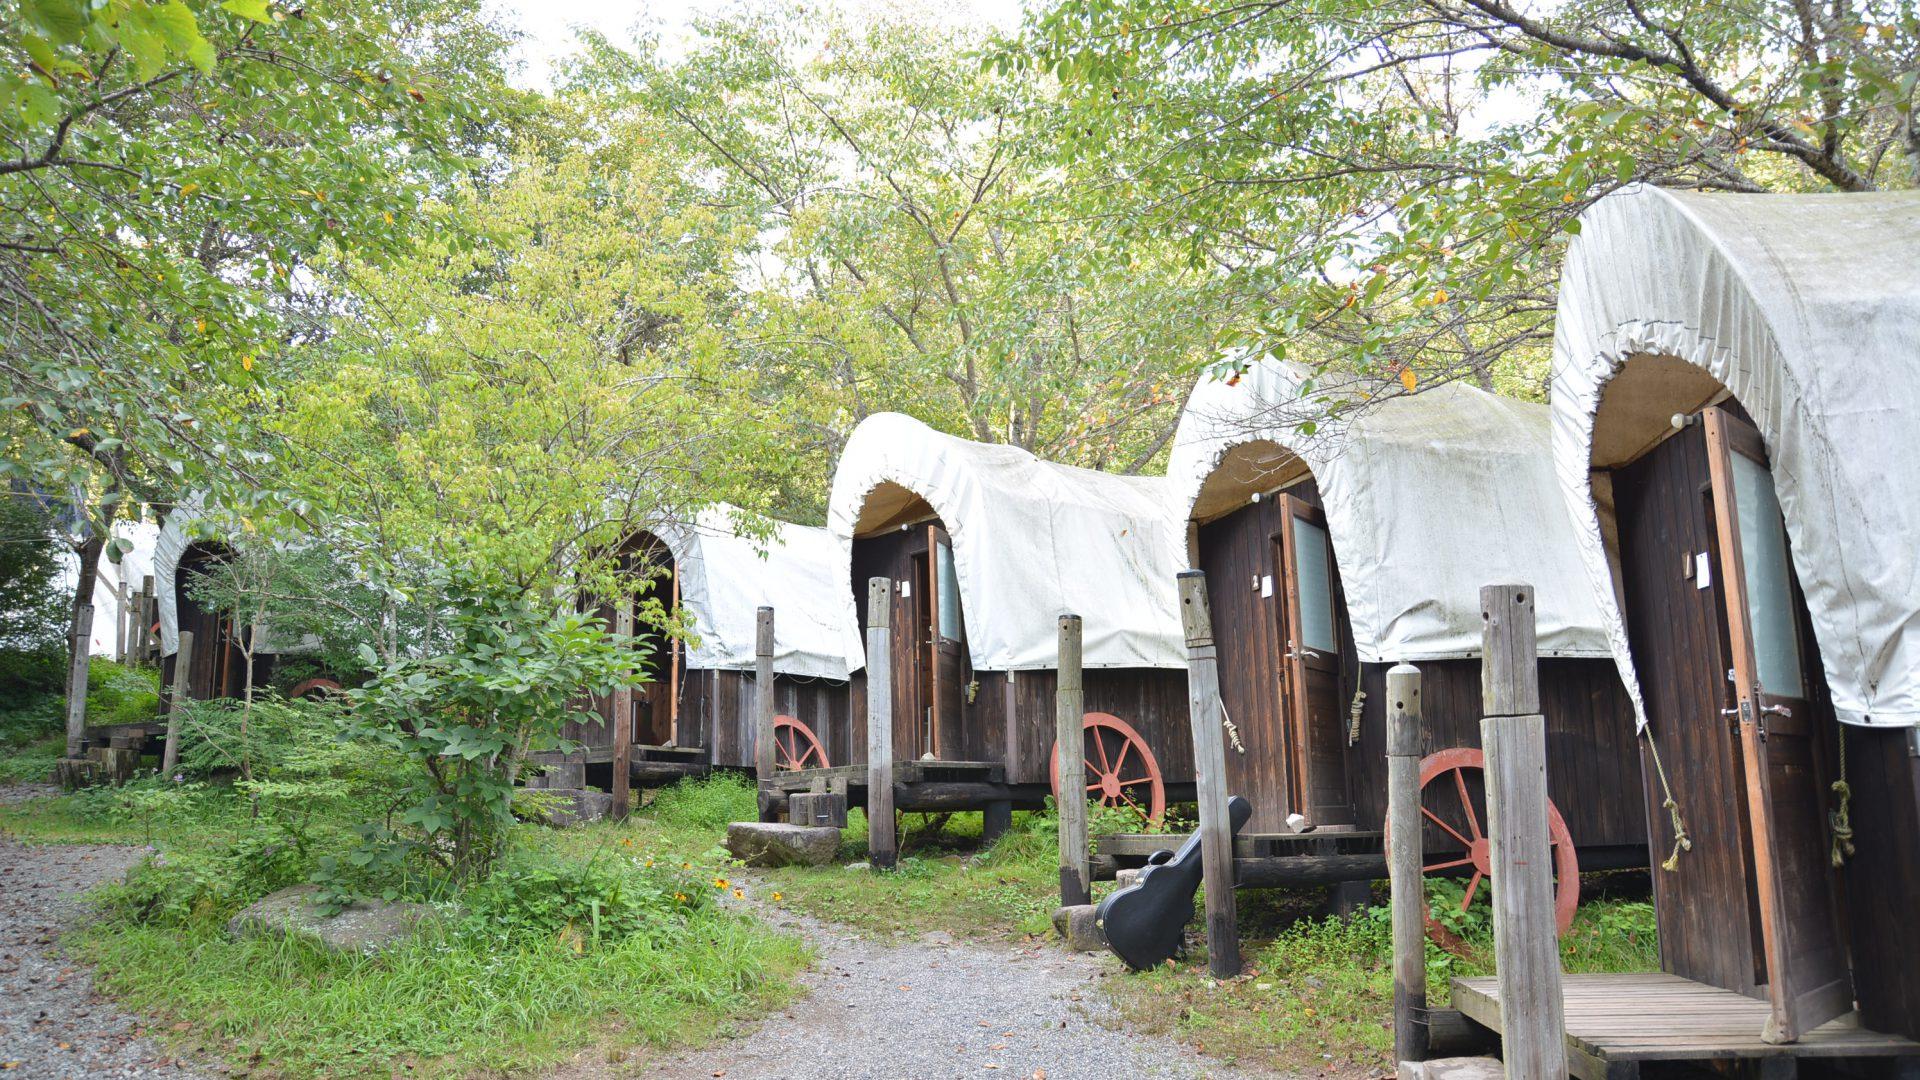 パーマリンク先: Django Campジャンゴキャンプ